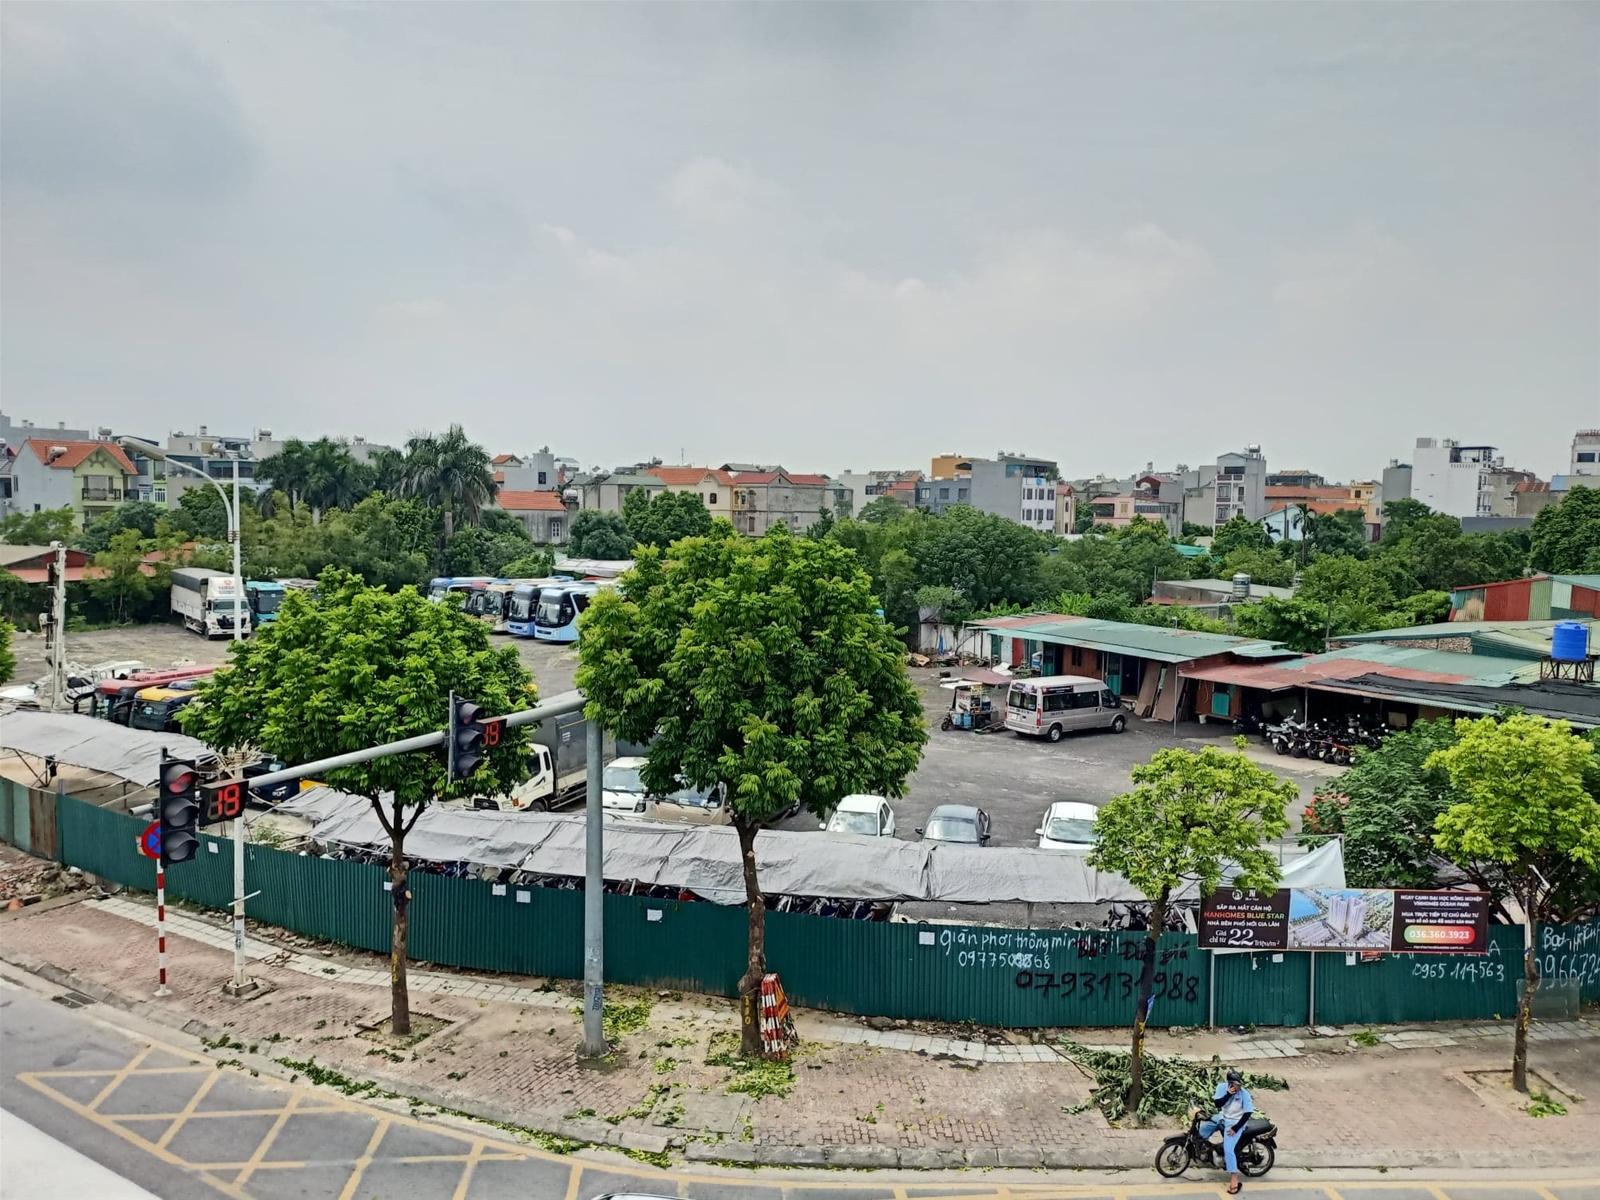 Dự án thành bãi xe và câu hỏi về năng lực quản lý của lãnh đạo quận Long Biên